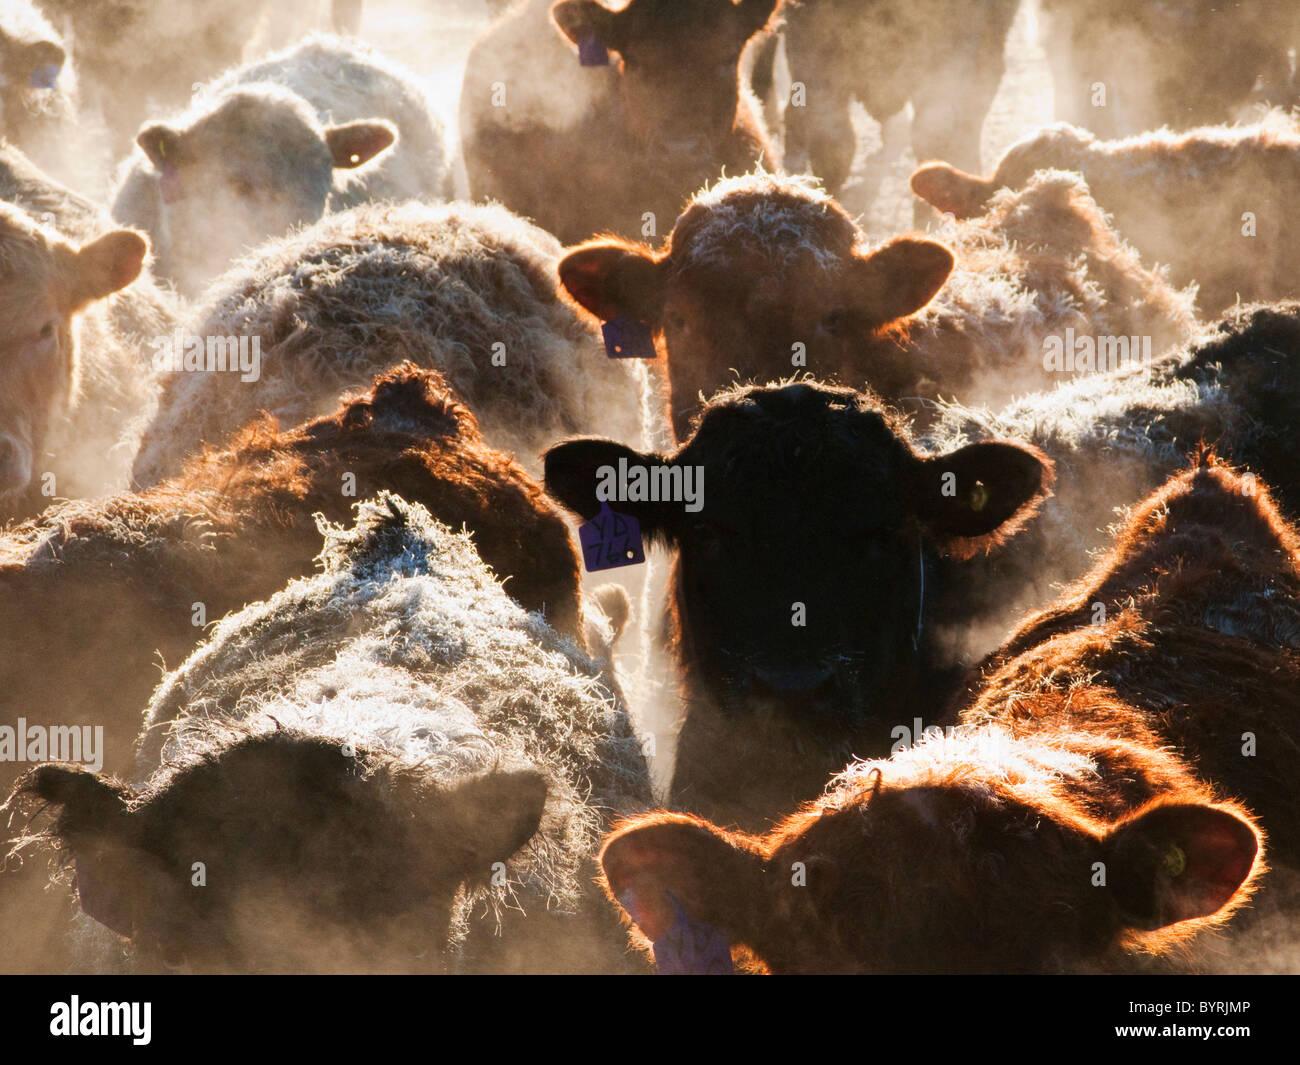 Ganadería - mestizaje y mezcla de razas de ganado vacuno en un corral de engorde pluma en una helada mañana Imagen De Stock